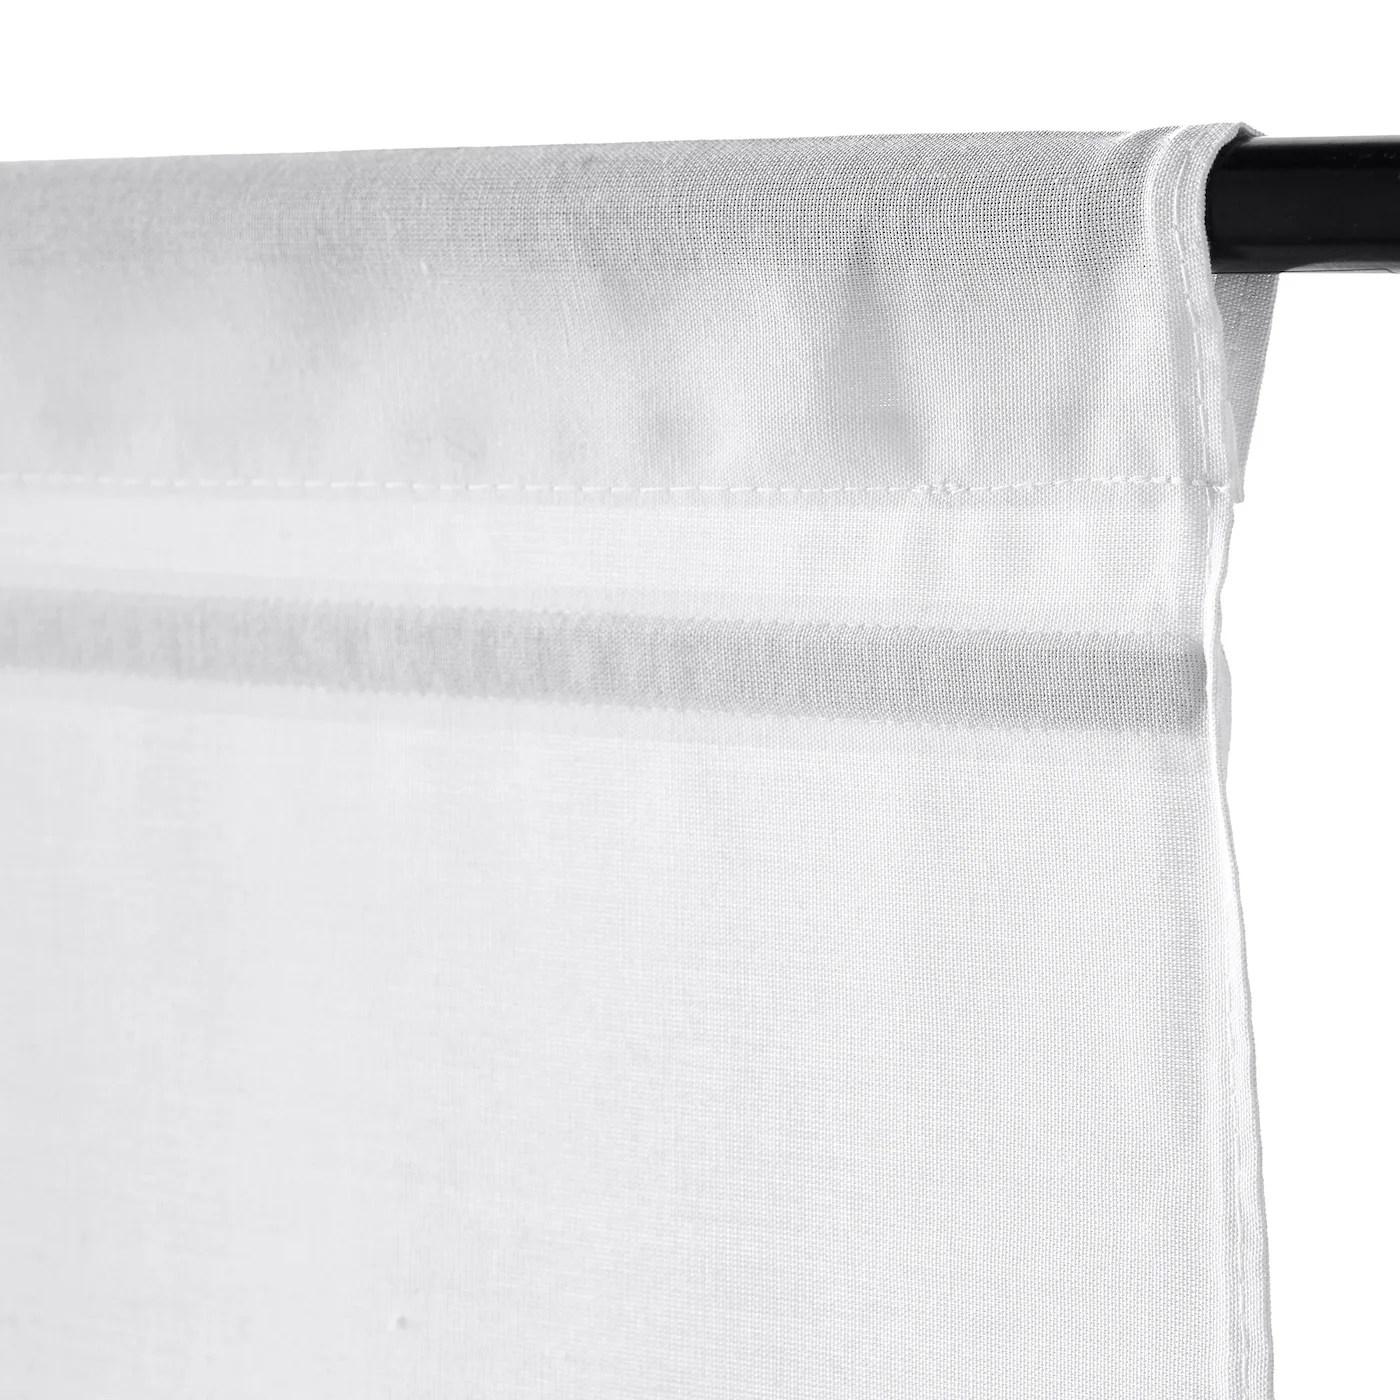 La tenda plissettata schottis, pratica ed. Ringblomma Tenda A Pacchetto Bianco 100x160 Cm Ikea It